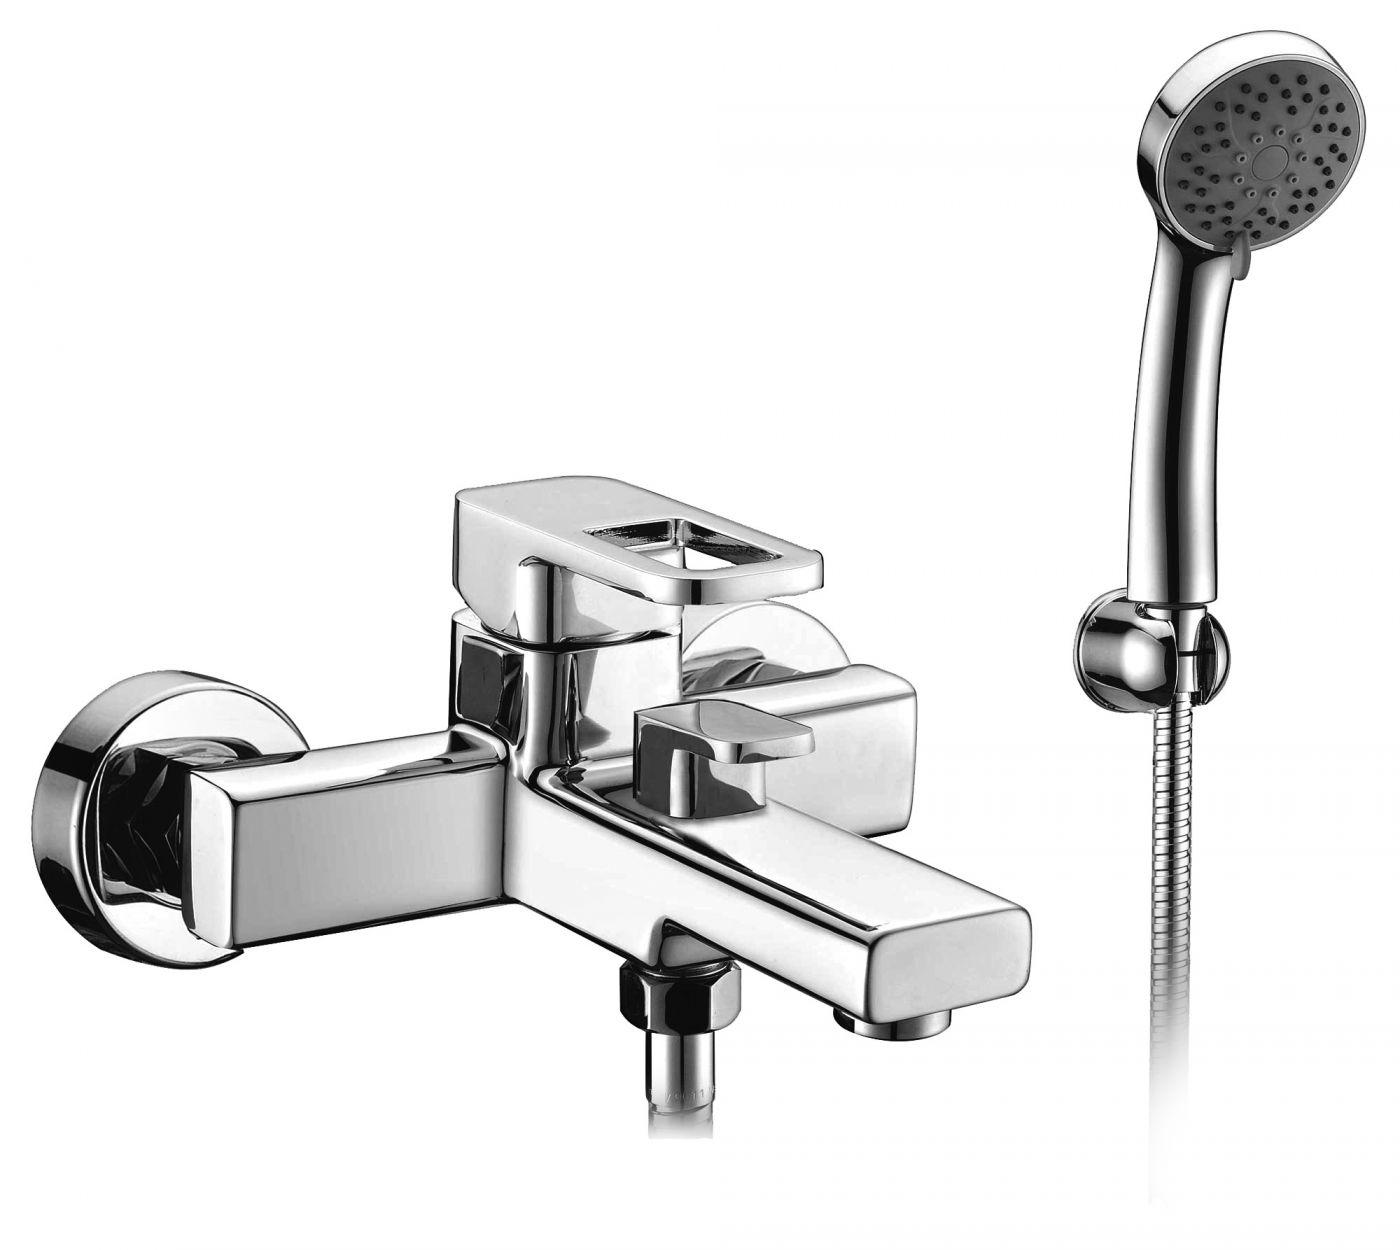 Смеситель для ванны Elghansa Mondschein 2320233 (хром)